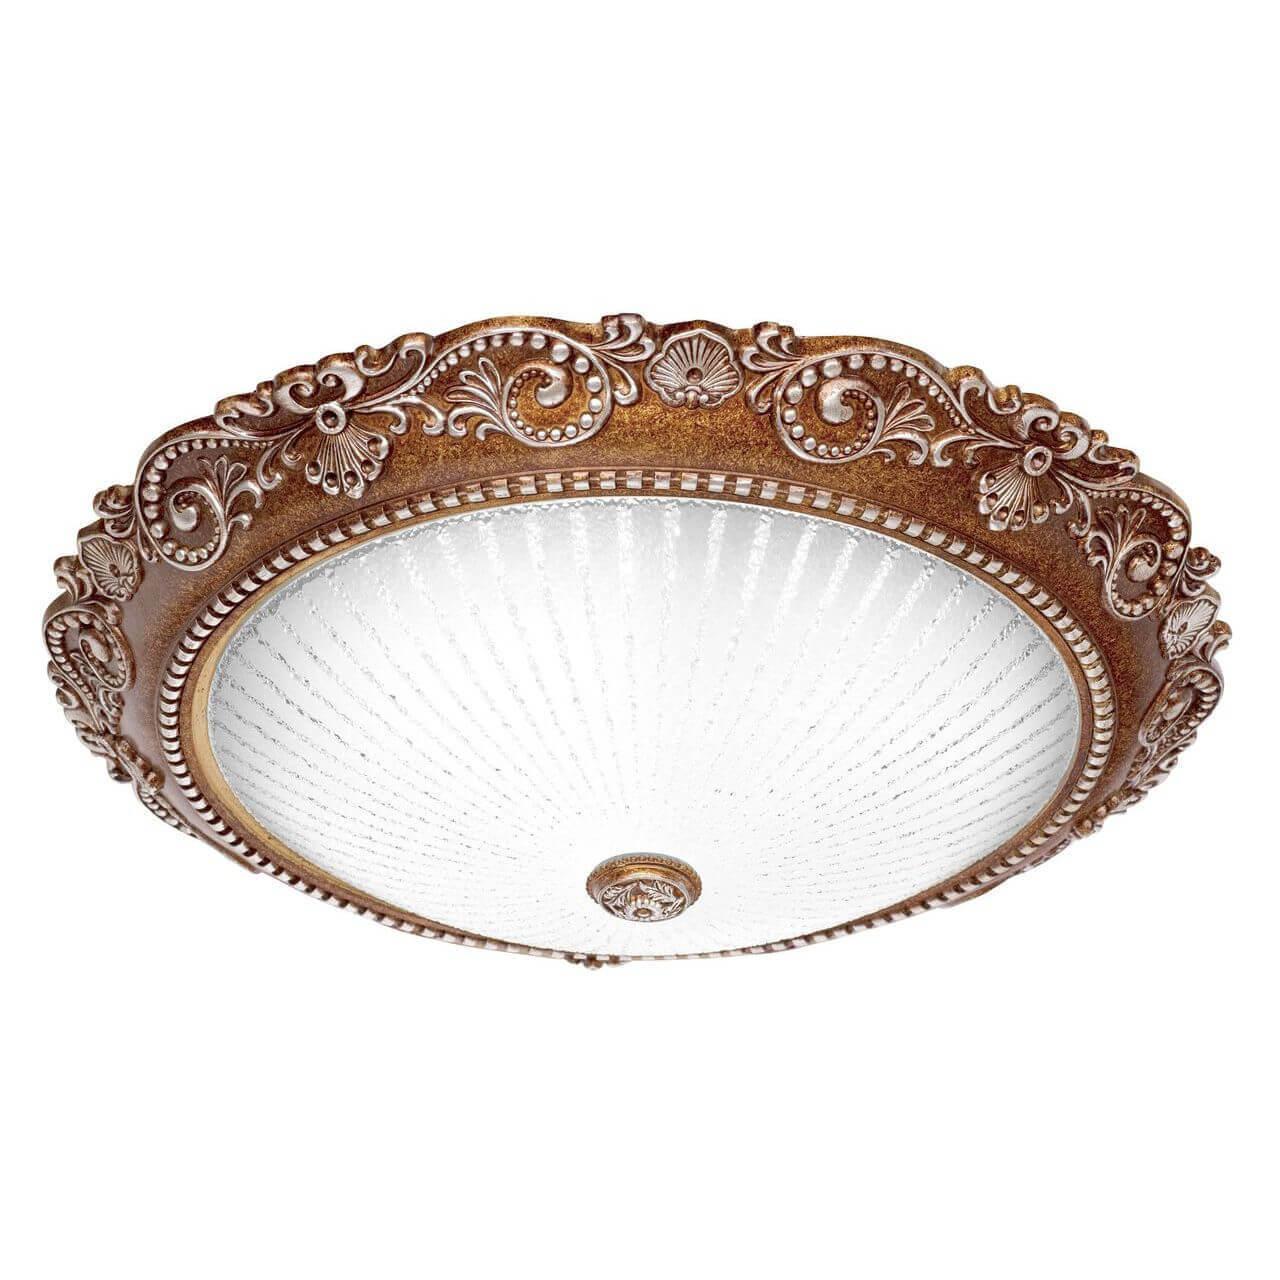 Светильник Silver Light 833.49.7 Louvre Brown Clear настенный светодиодный светильник silver light louvre 844 36 7